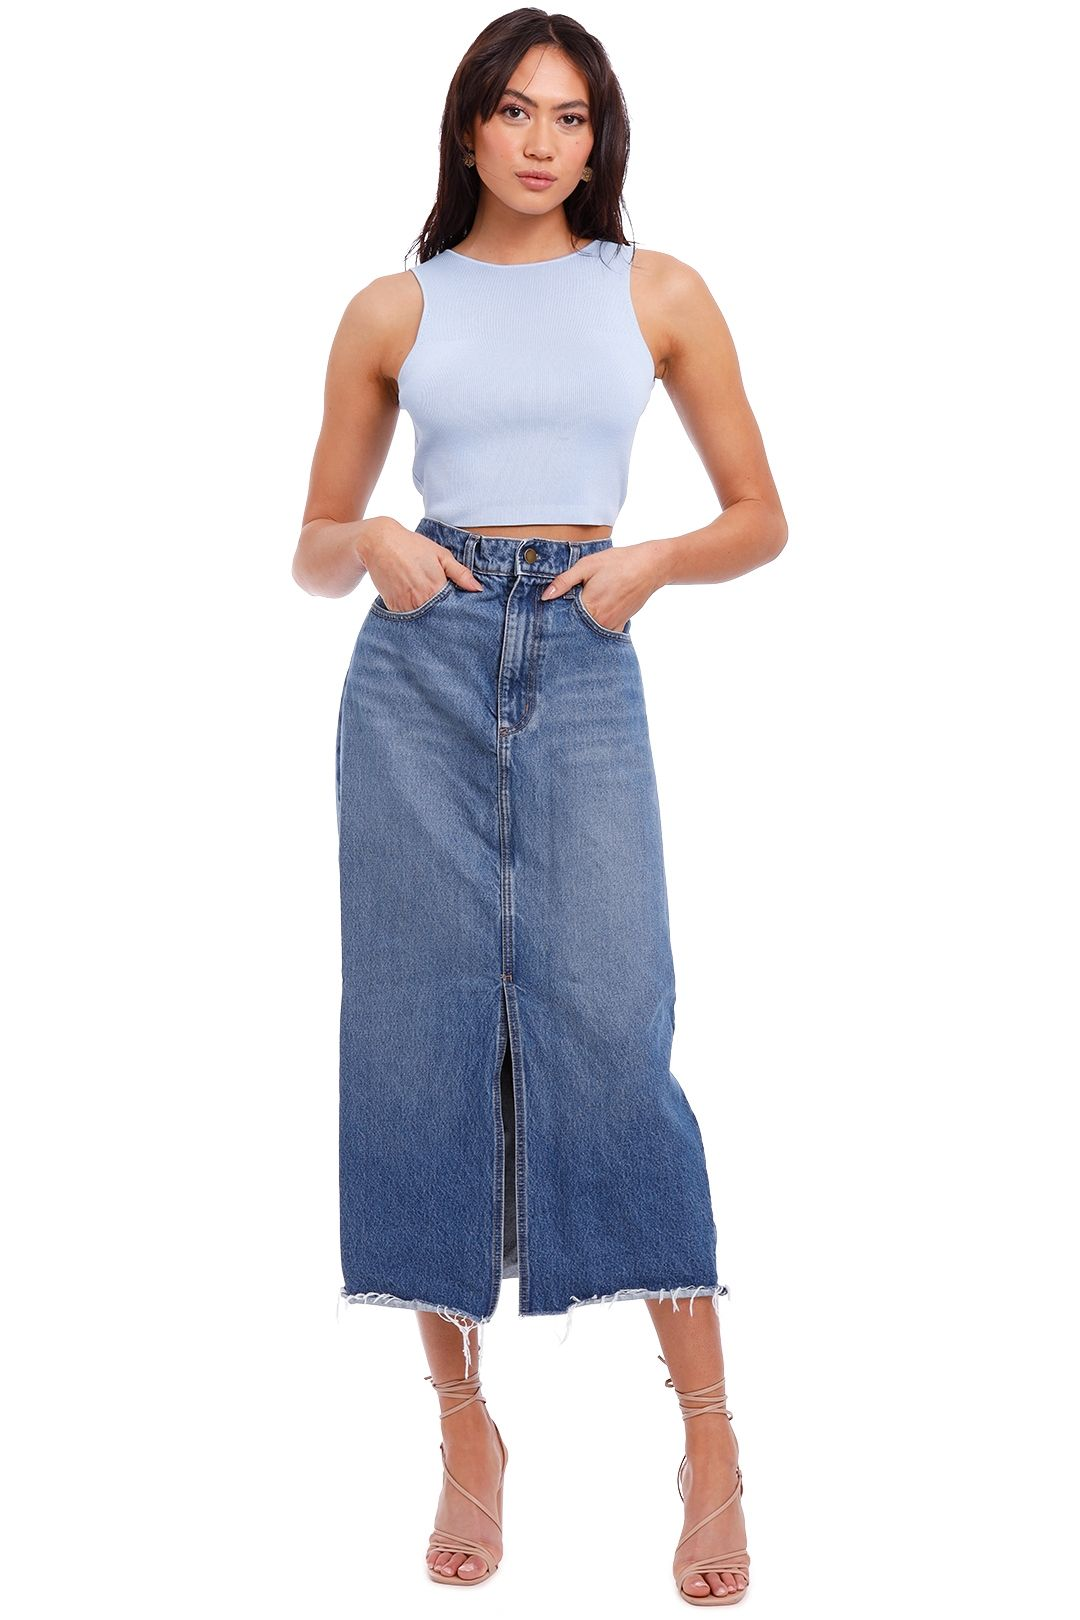 Nobody Denim Avery Skirt Waterfall blue